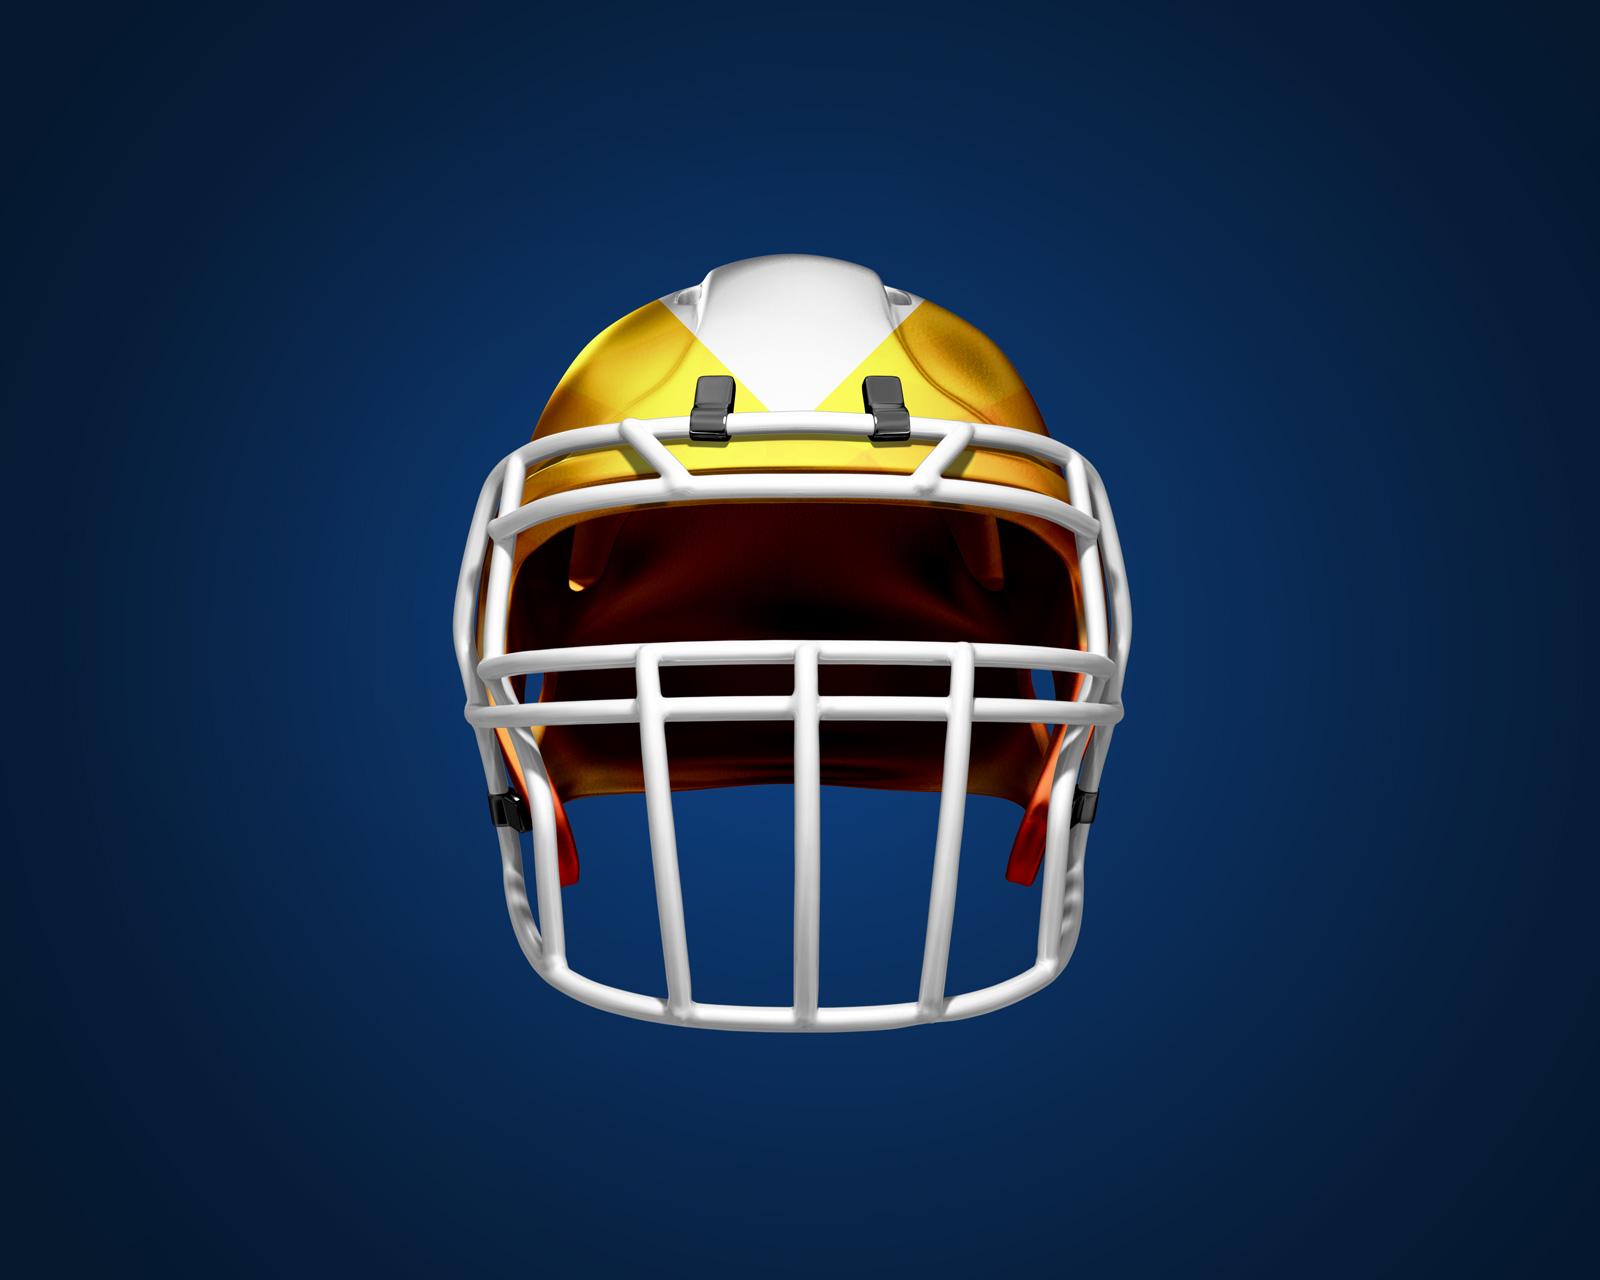 Free-Football-Helmet-Mockup-PSD-Mockup-3